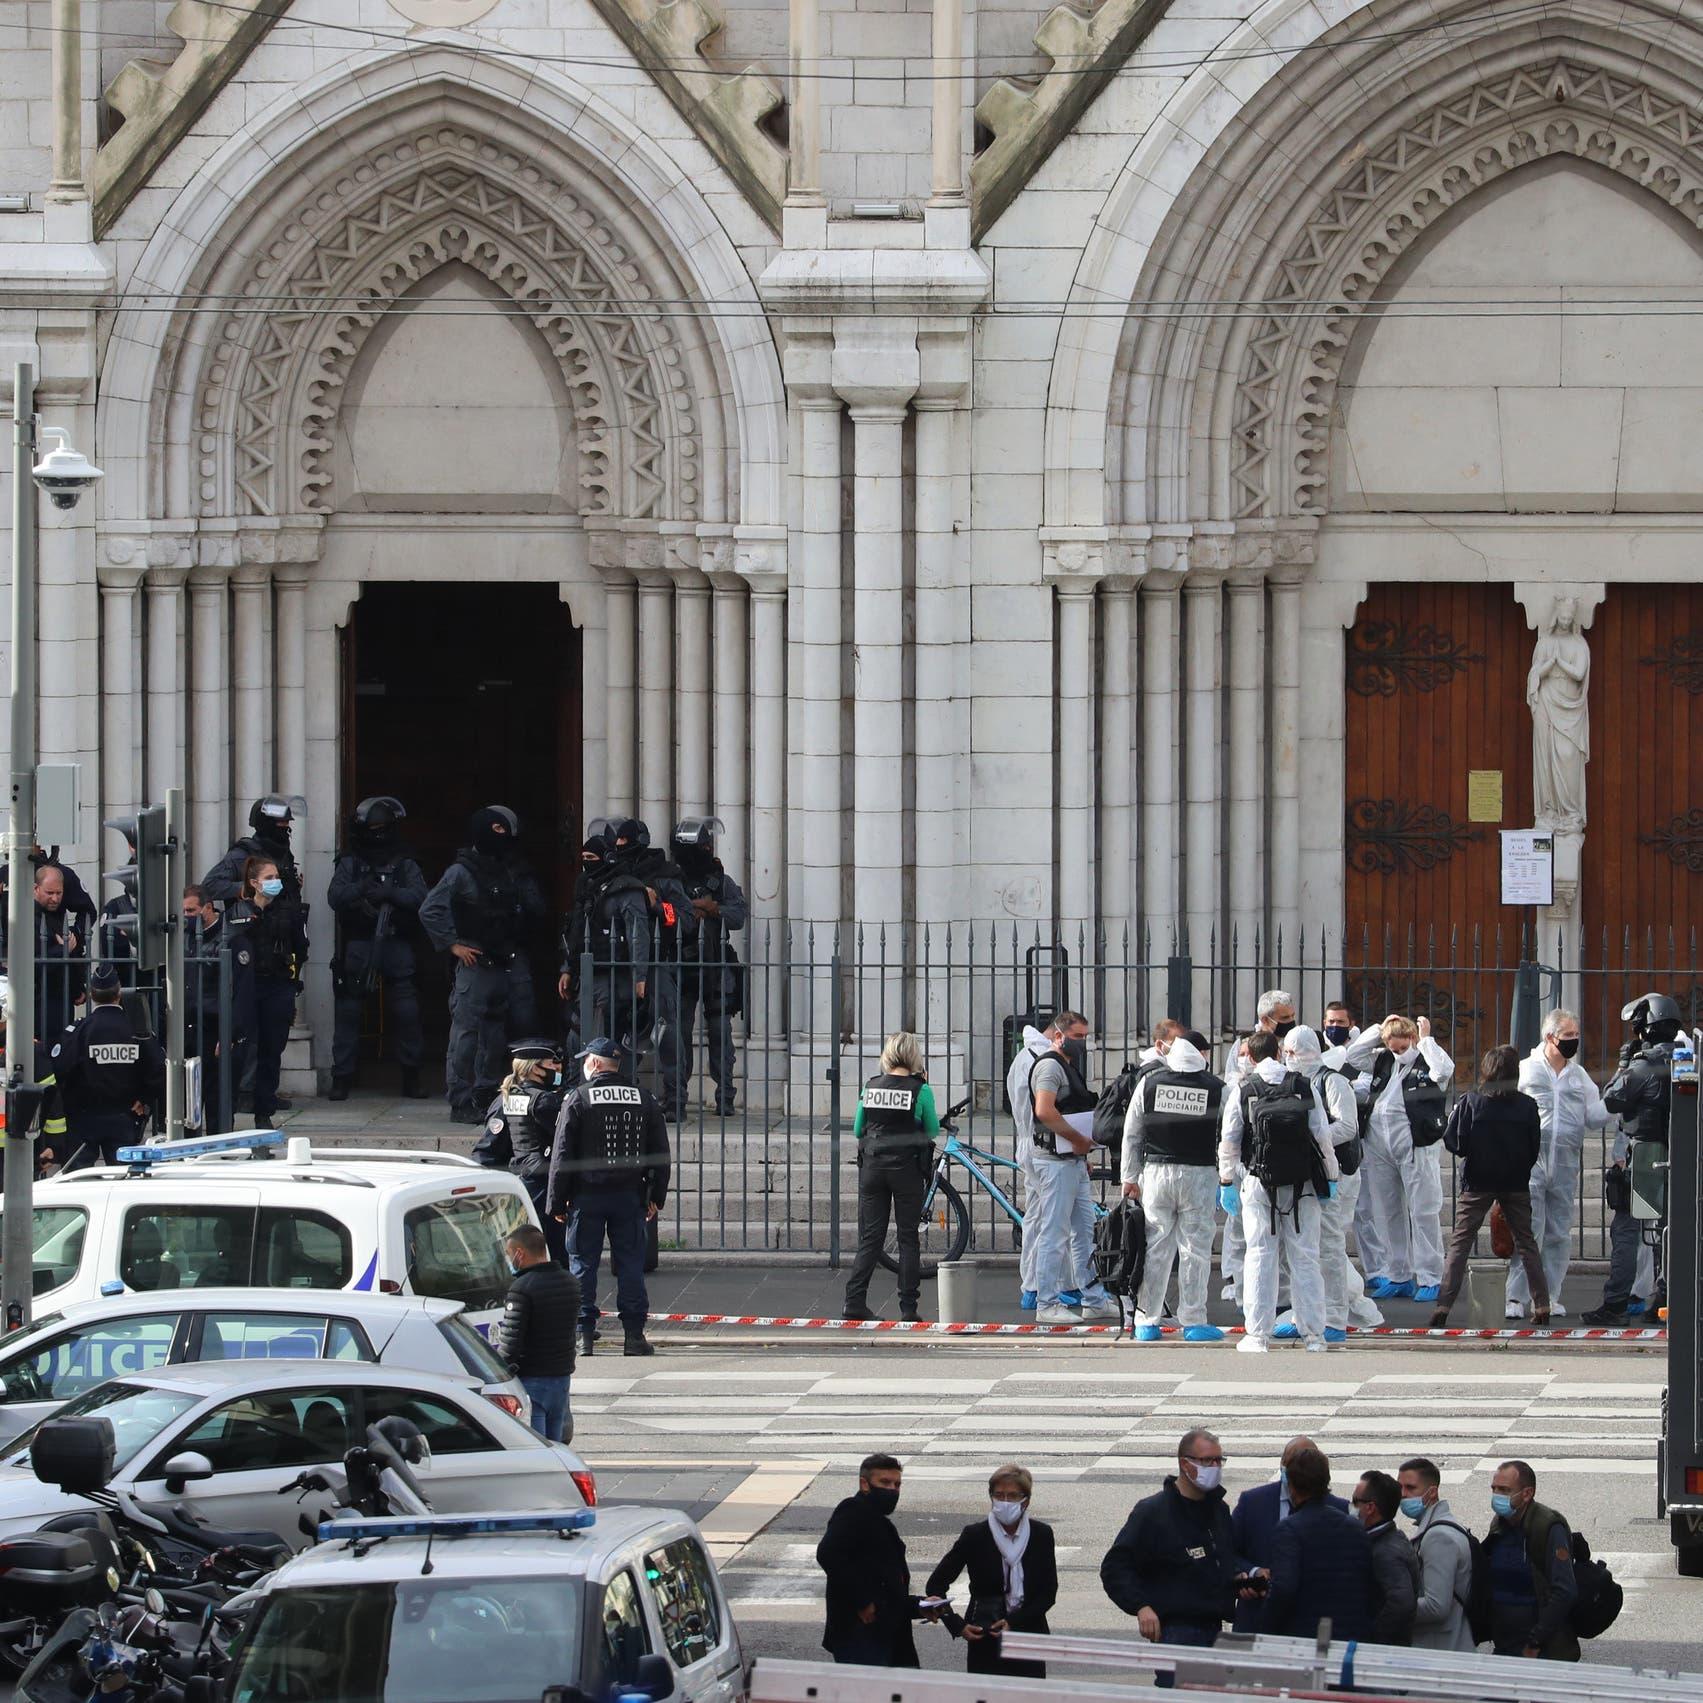 وزير خارجية فرنسا يحذر: التهديد الأمني في كل مكان